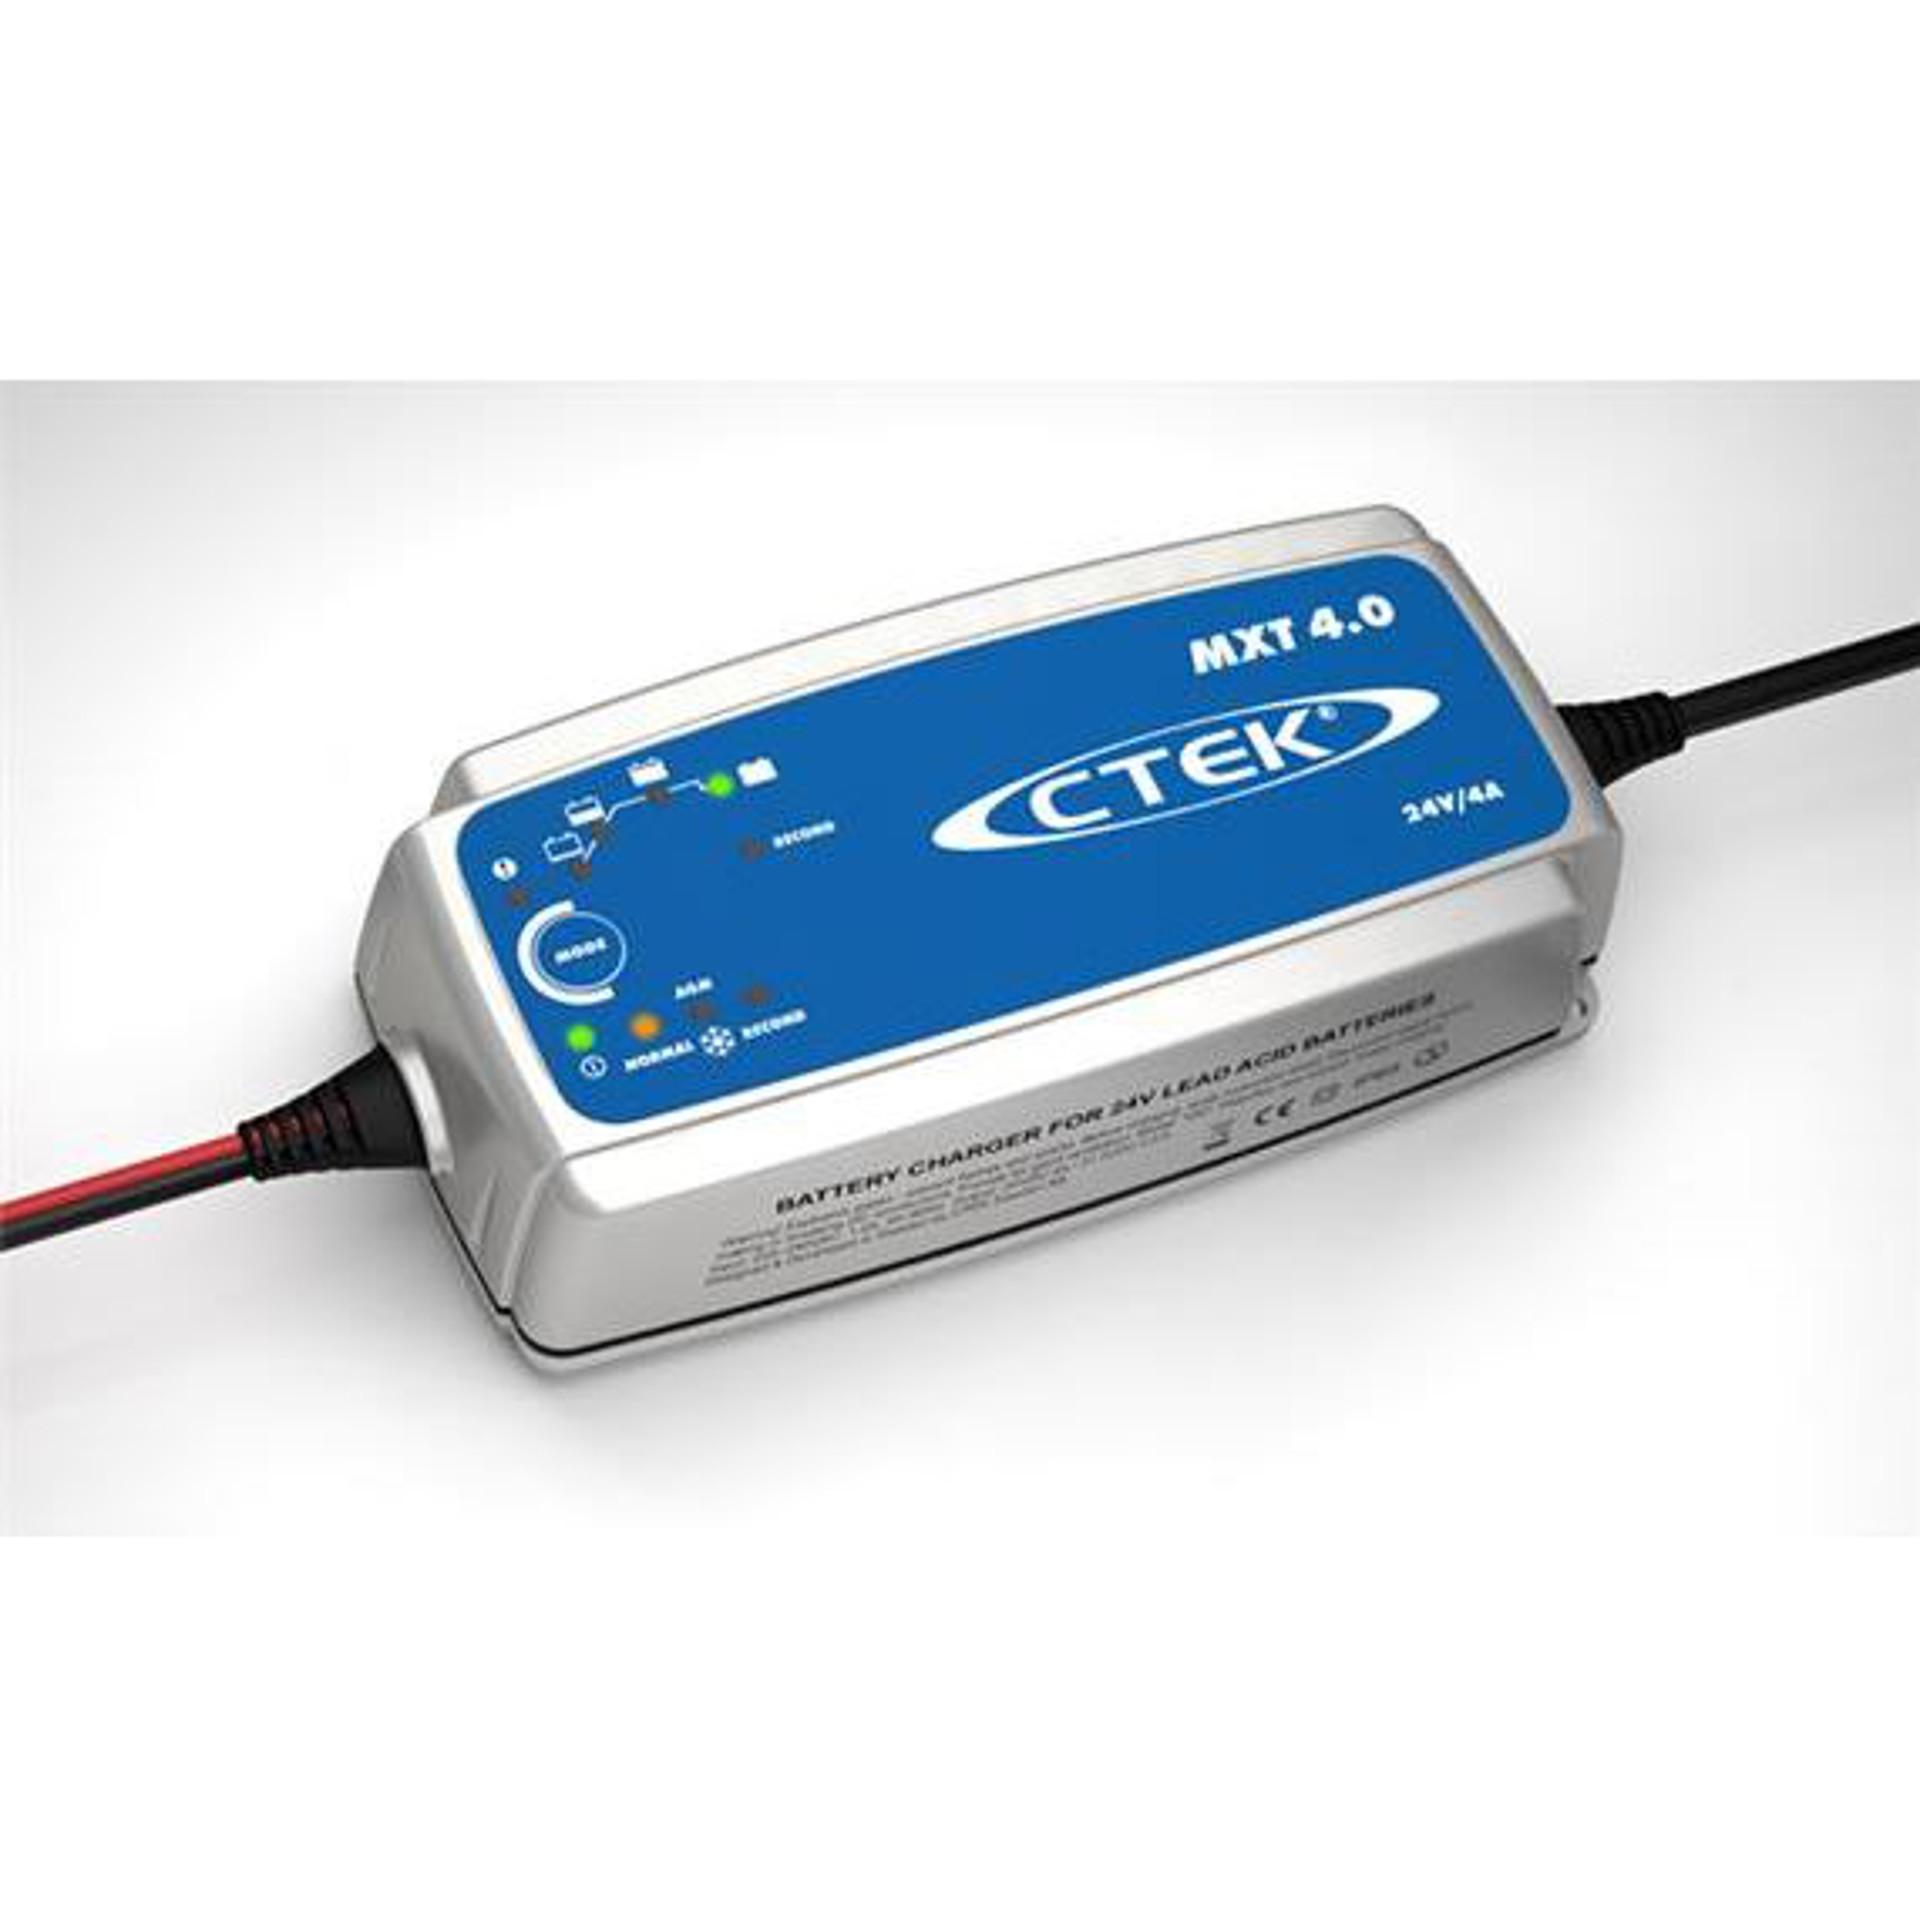 MXT 4.0 24V 4A Batterie Ladegerät CTEK BellEquip